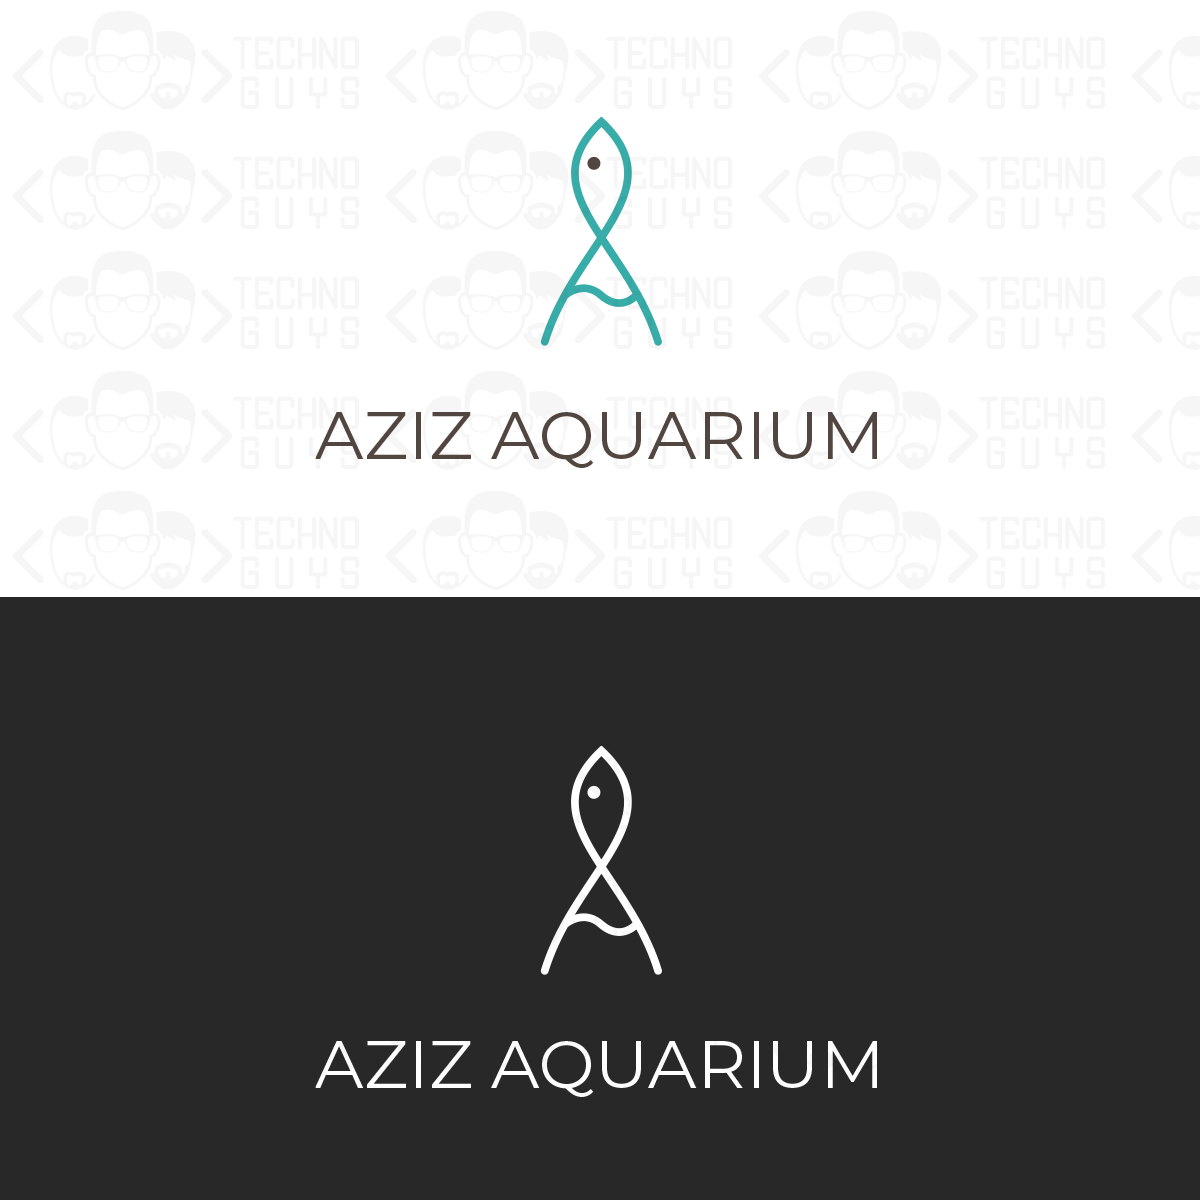 Aziz-Aquarium